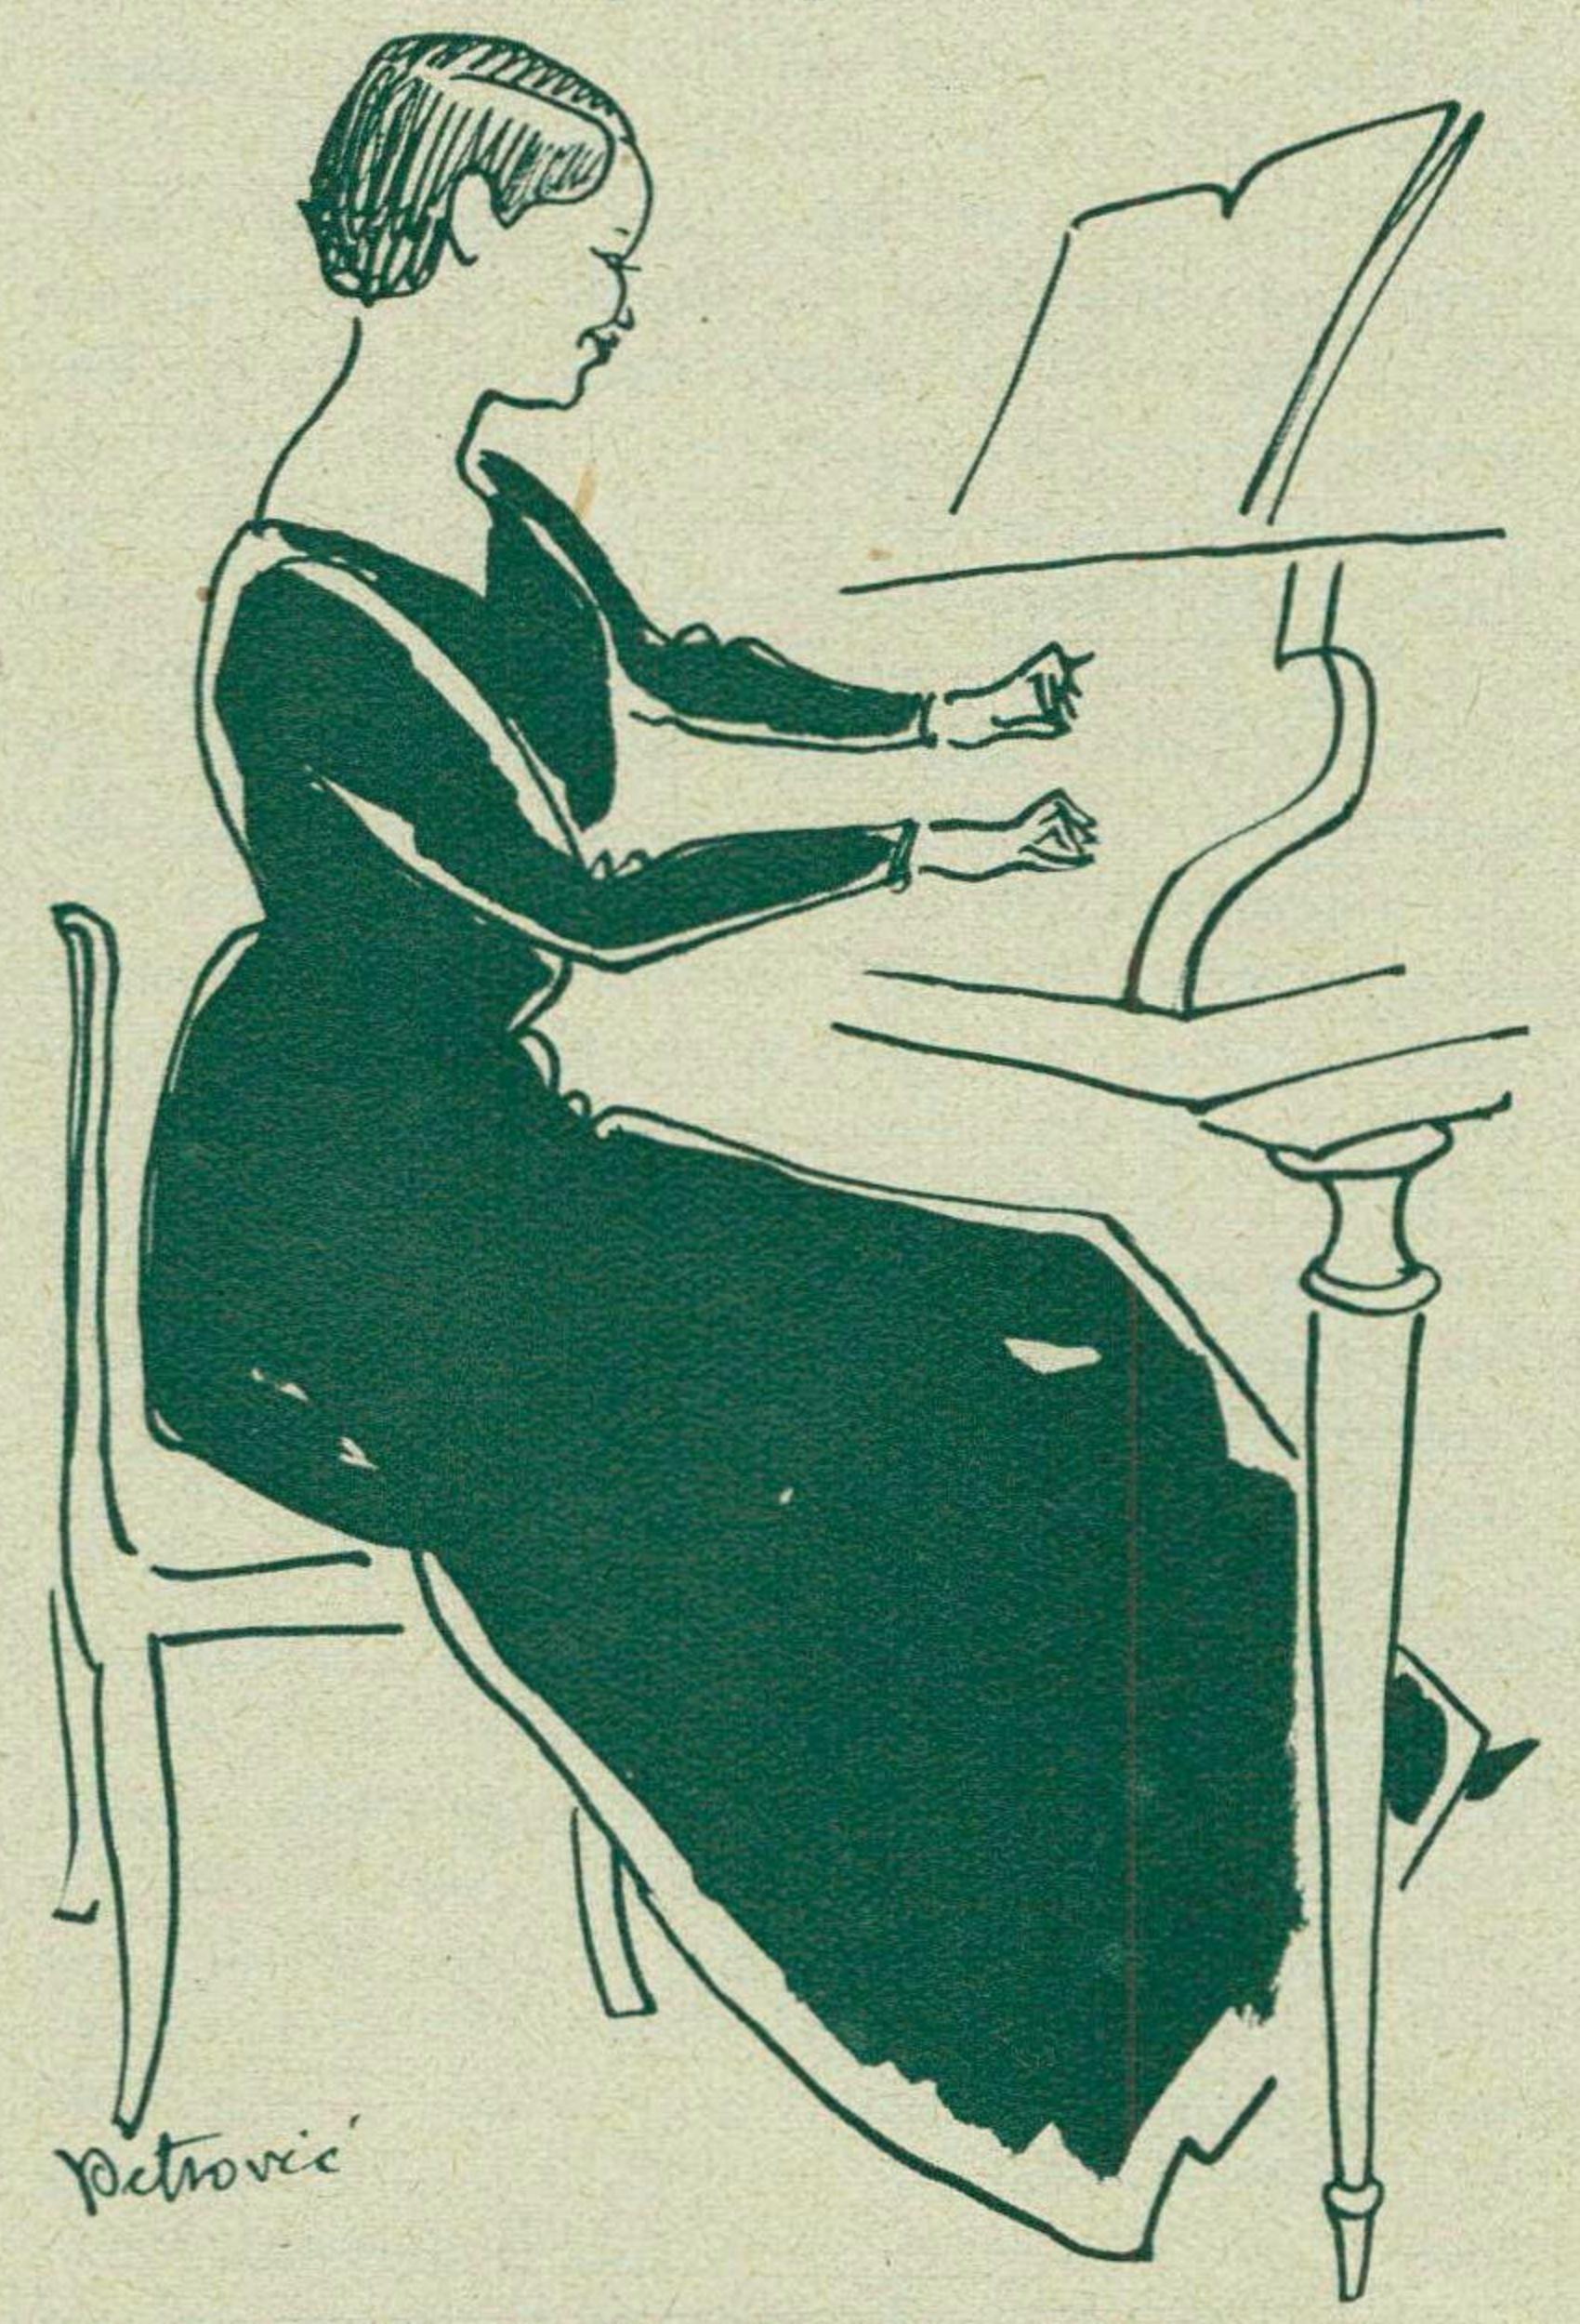 Isabelle NEF croquée par PETROVIC, un dessin publié dans la revue Le Radio du 12 mai 1933 en page 611, cliquer pour une vue agrandie